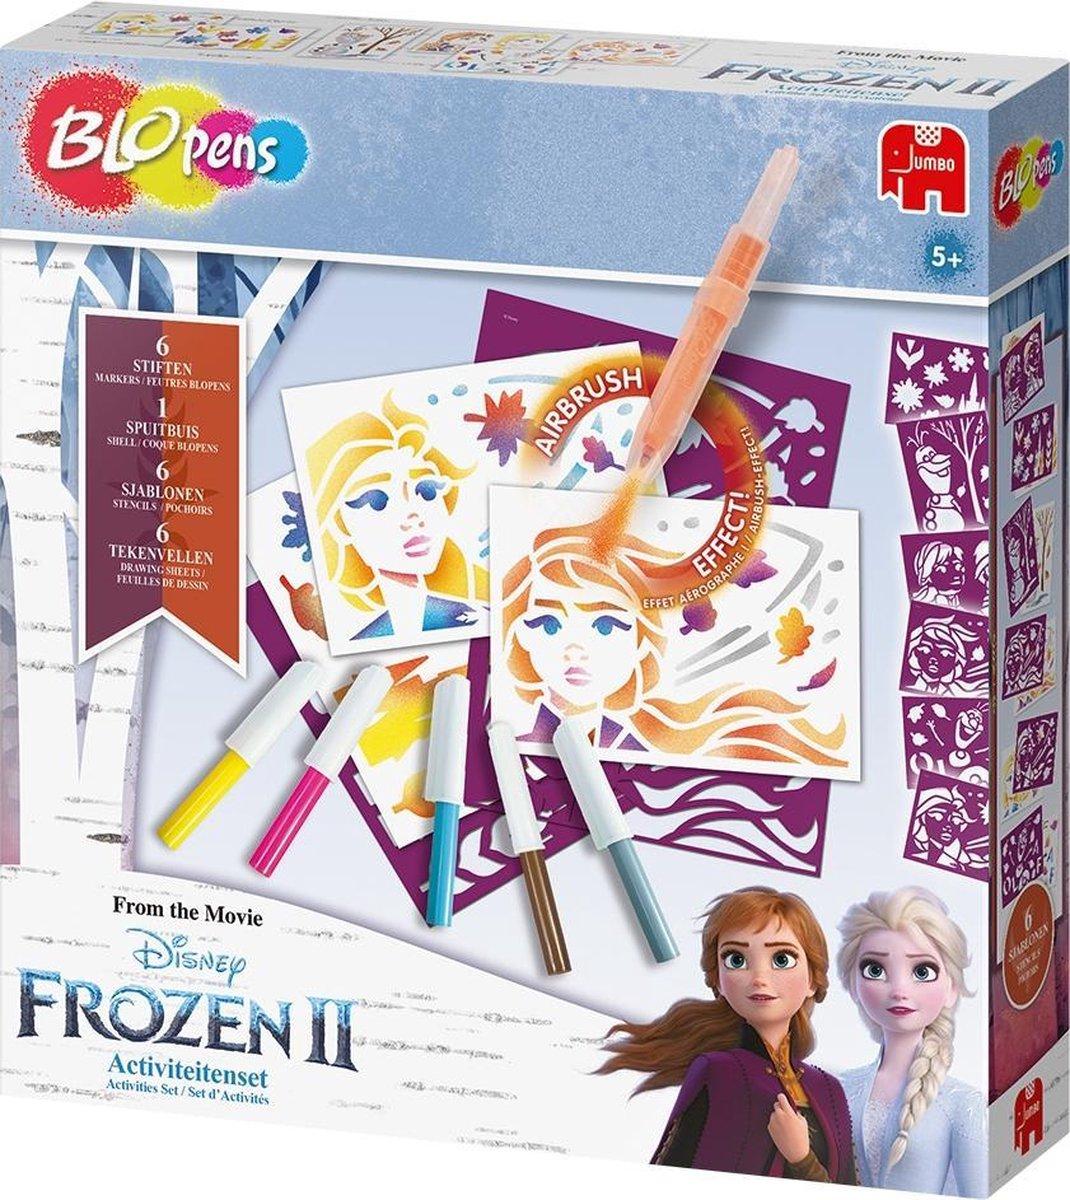 Blopens Frozen 2 Activity set